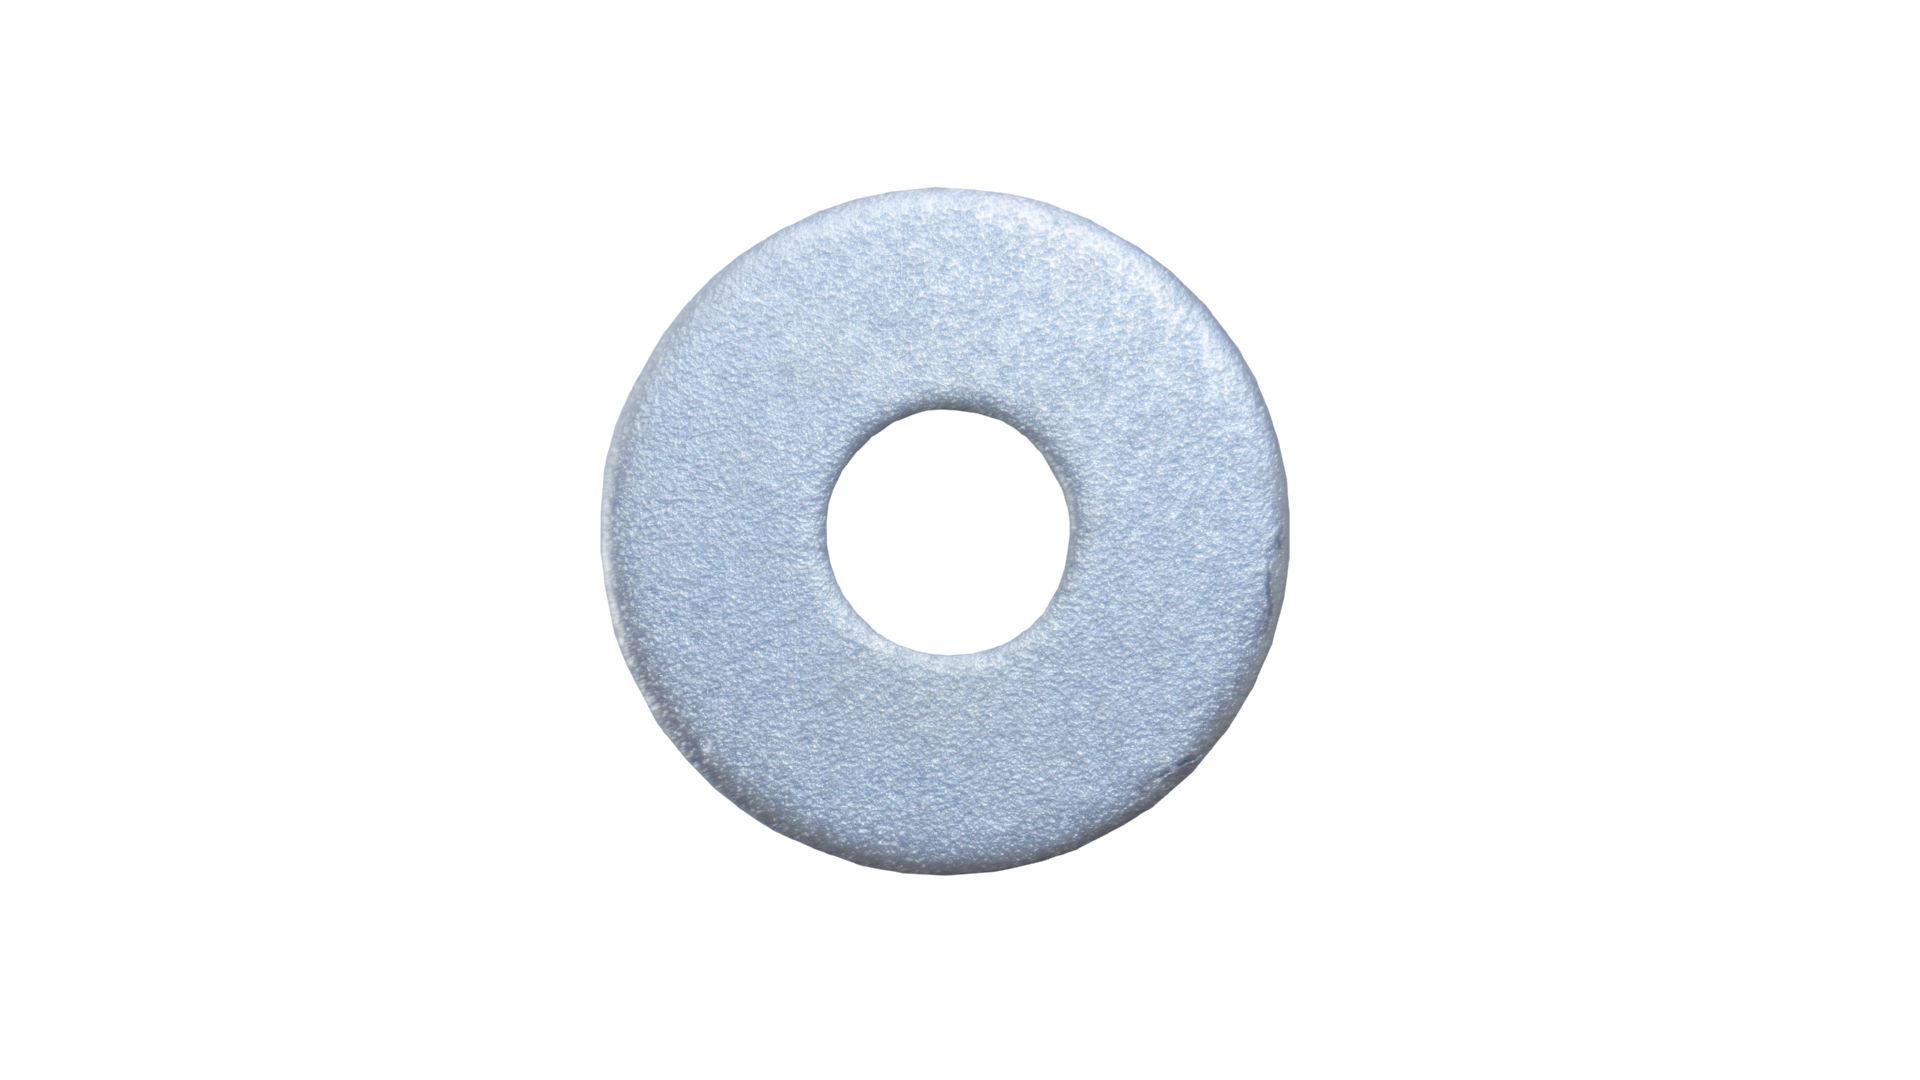 Шайба плоская увеличенная Apro - М8 DIN 9021 (50 шт.) 3